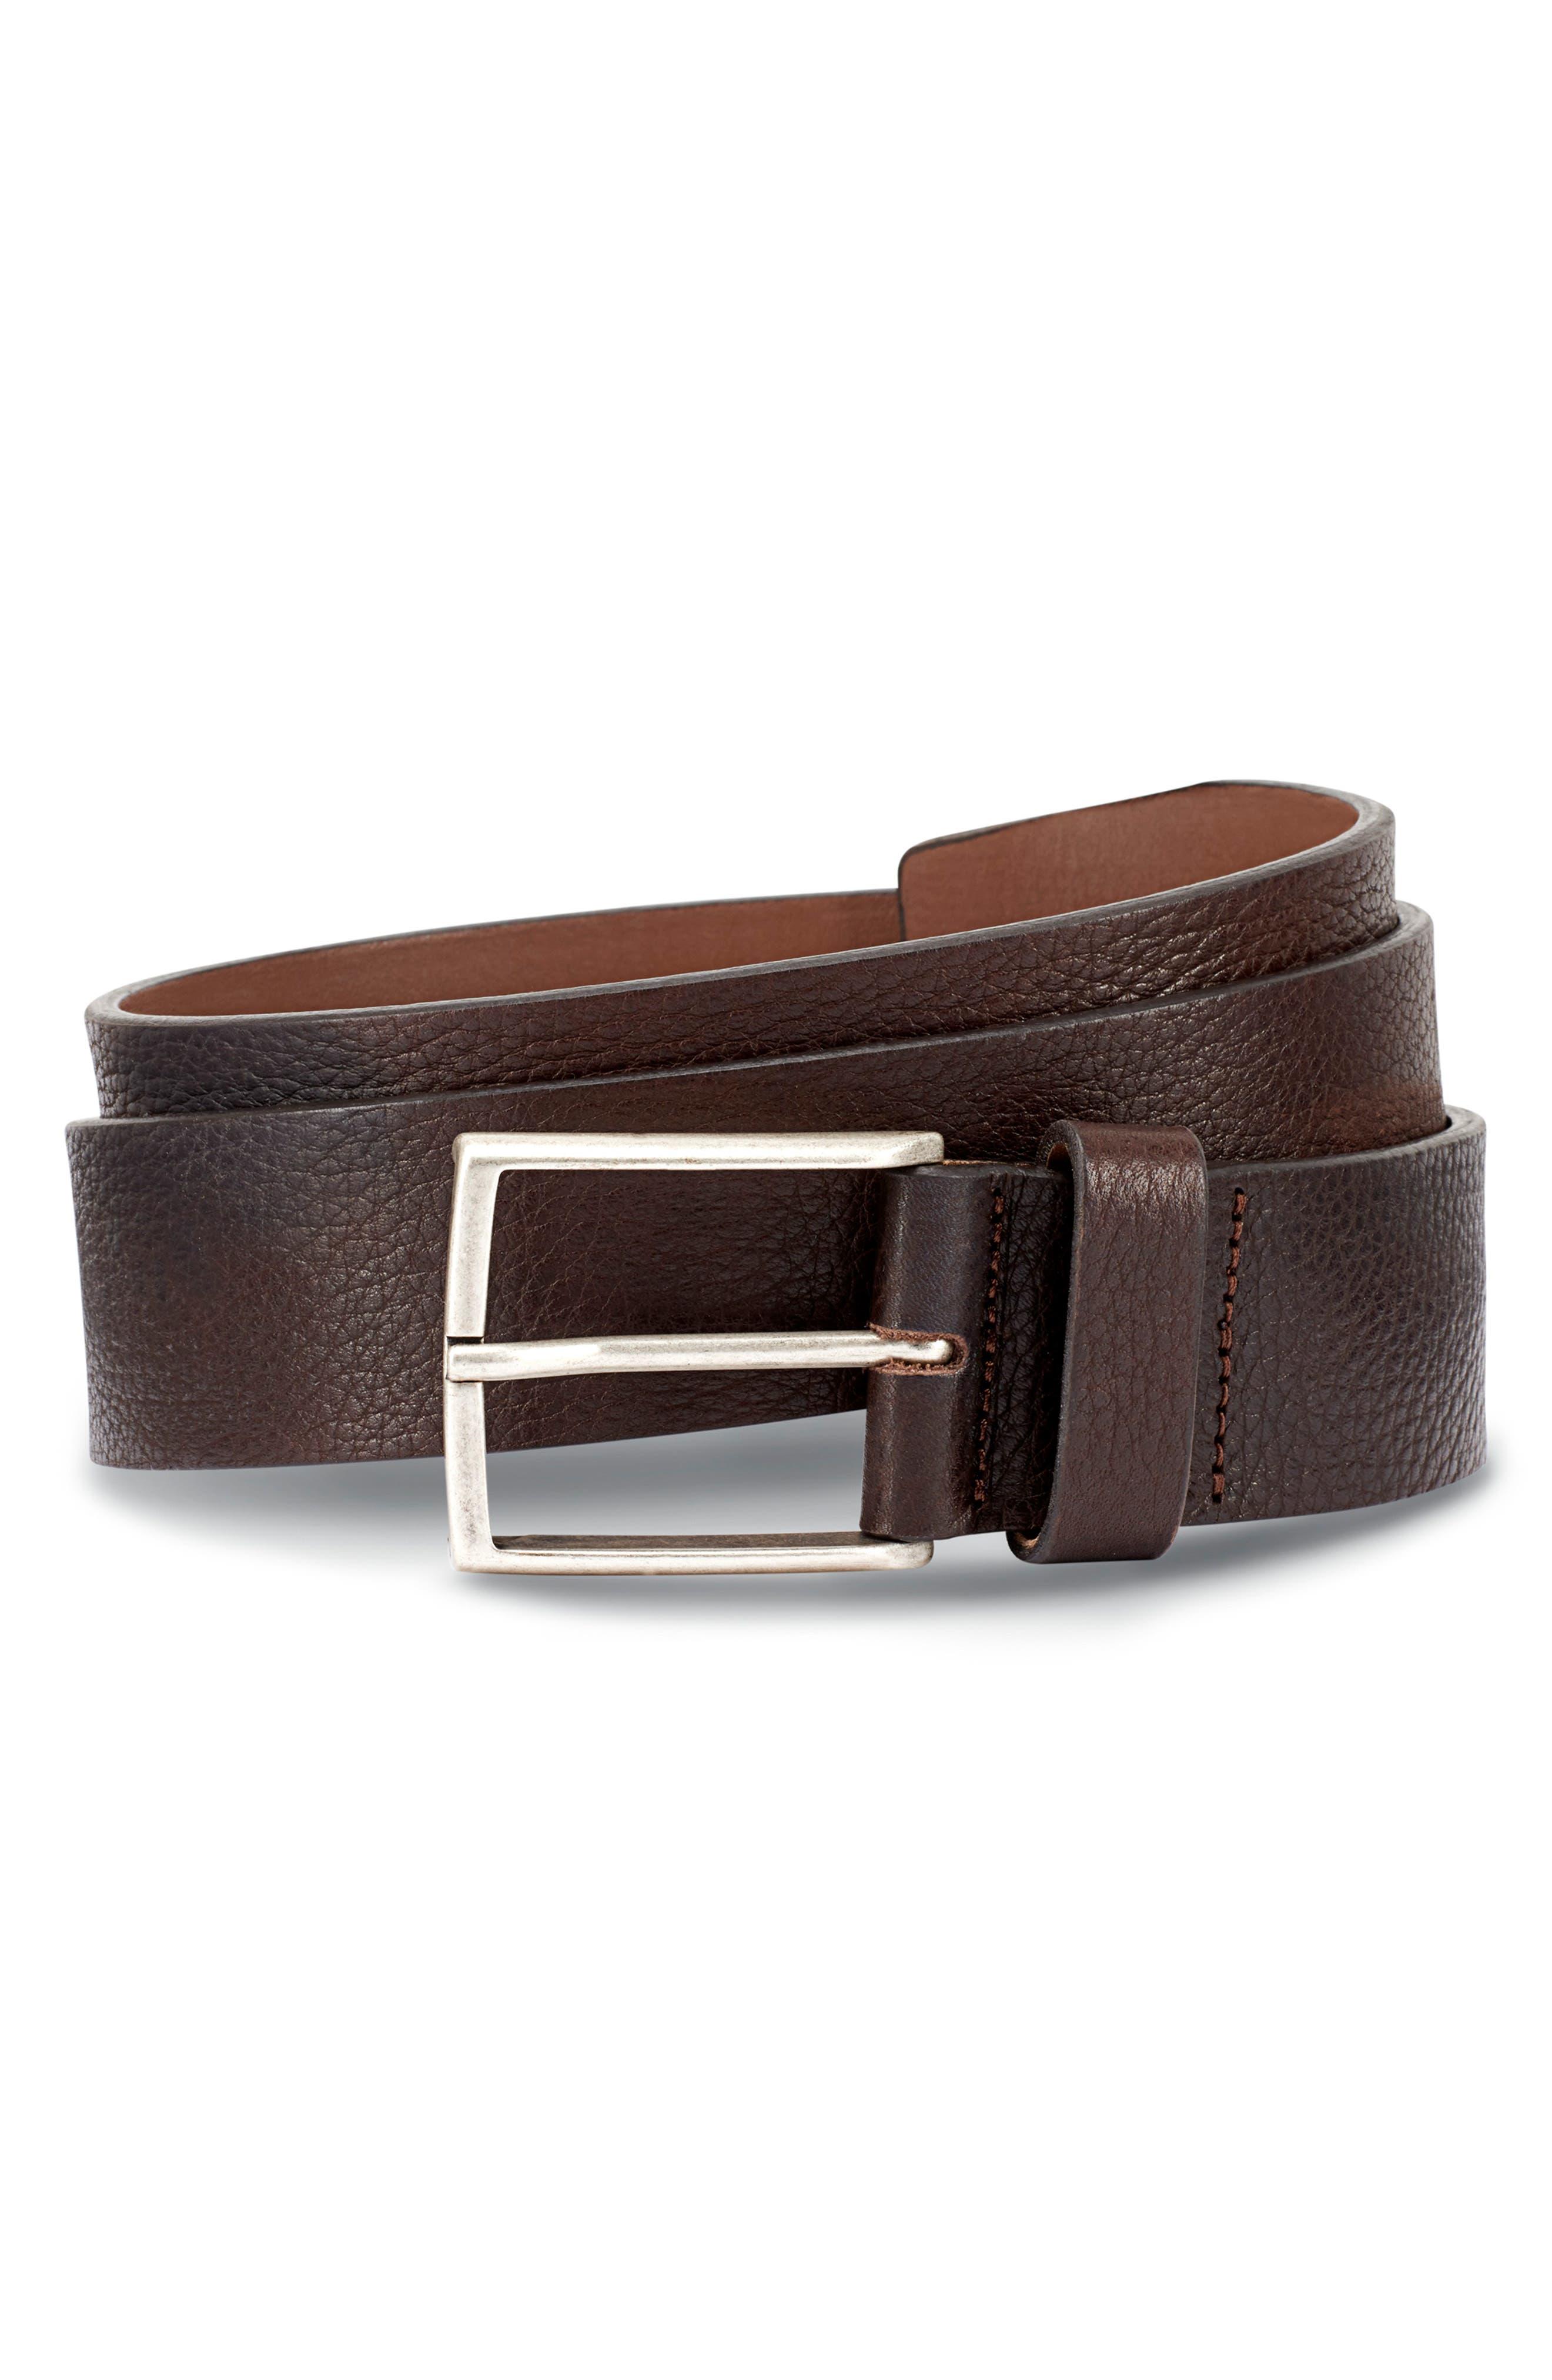 ALLEN EDMONDS Country Avenue Pebbled Leather Belt, Main, color, BROWN